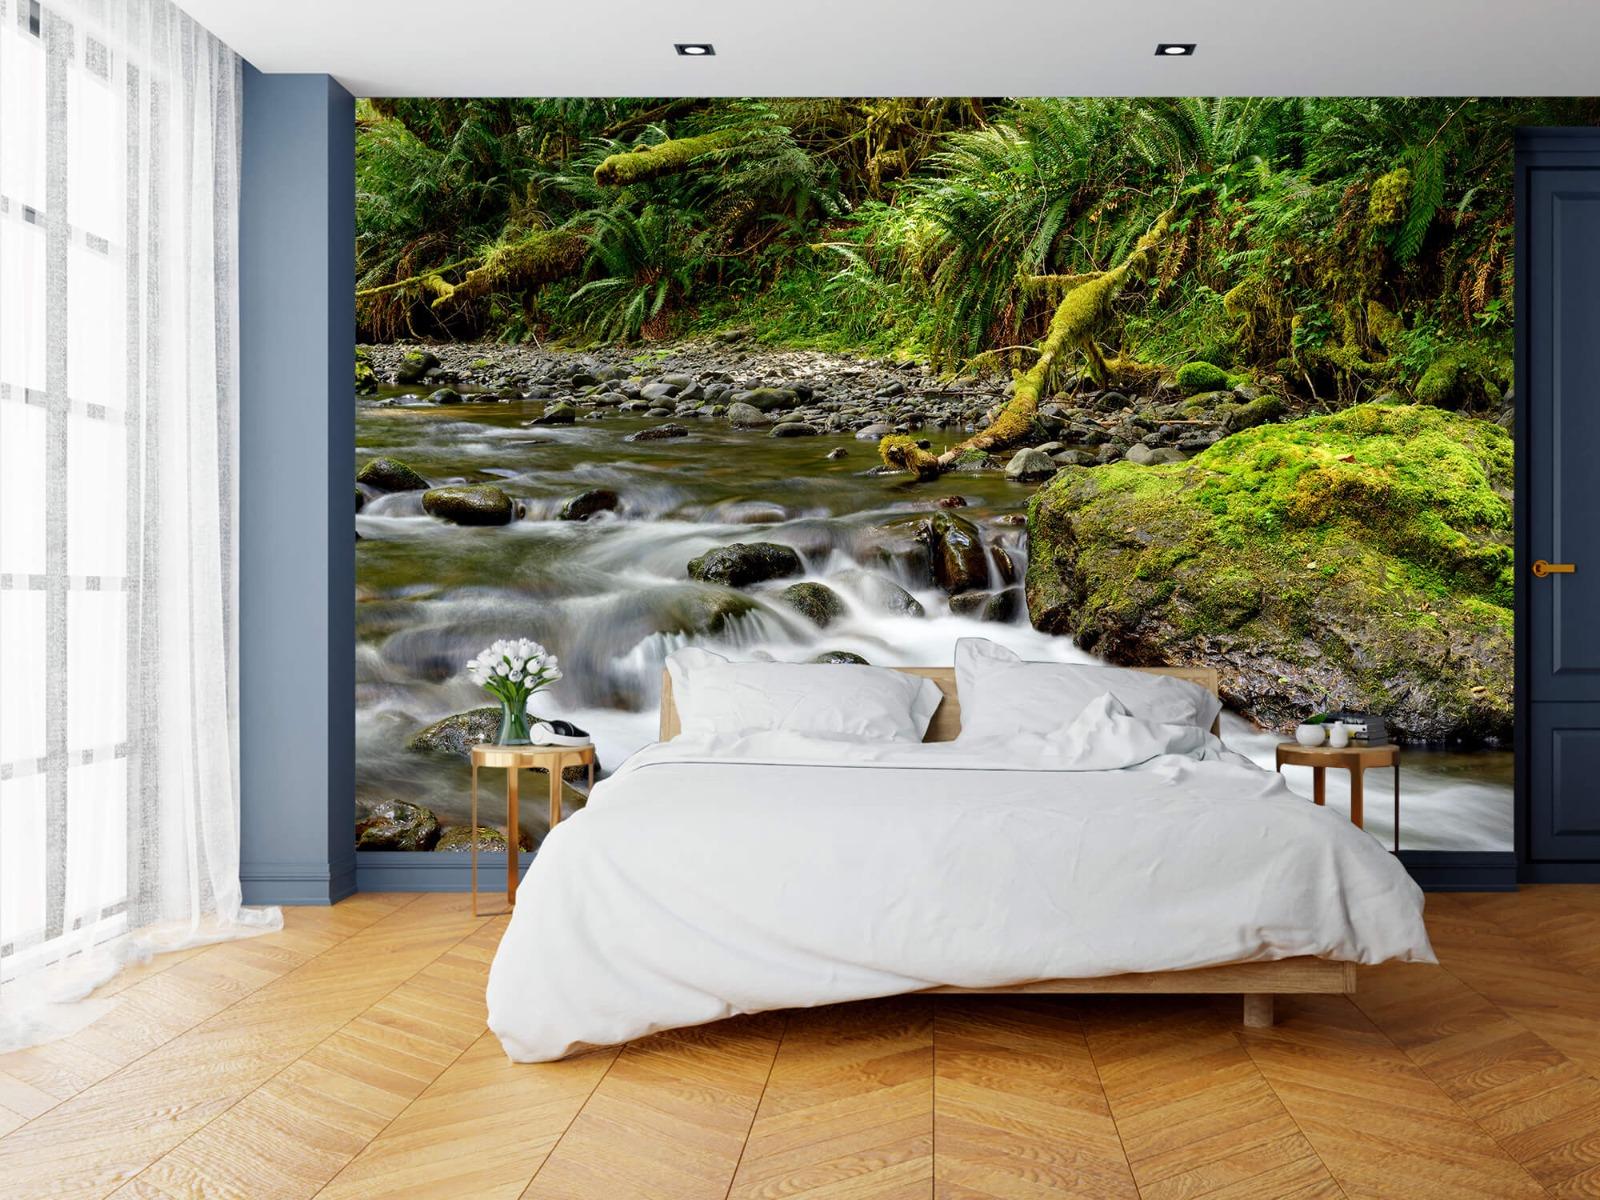 Meertjes en Wateren - Groen rotsblok met riviertje - Wallexclusive - Slaapkamer 16